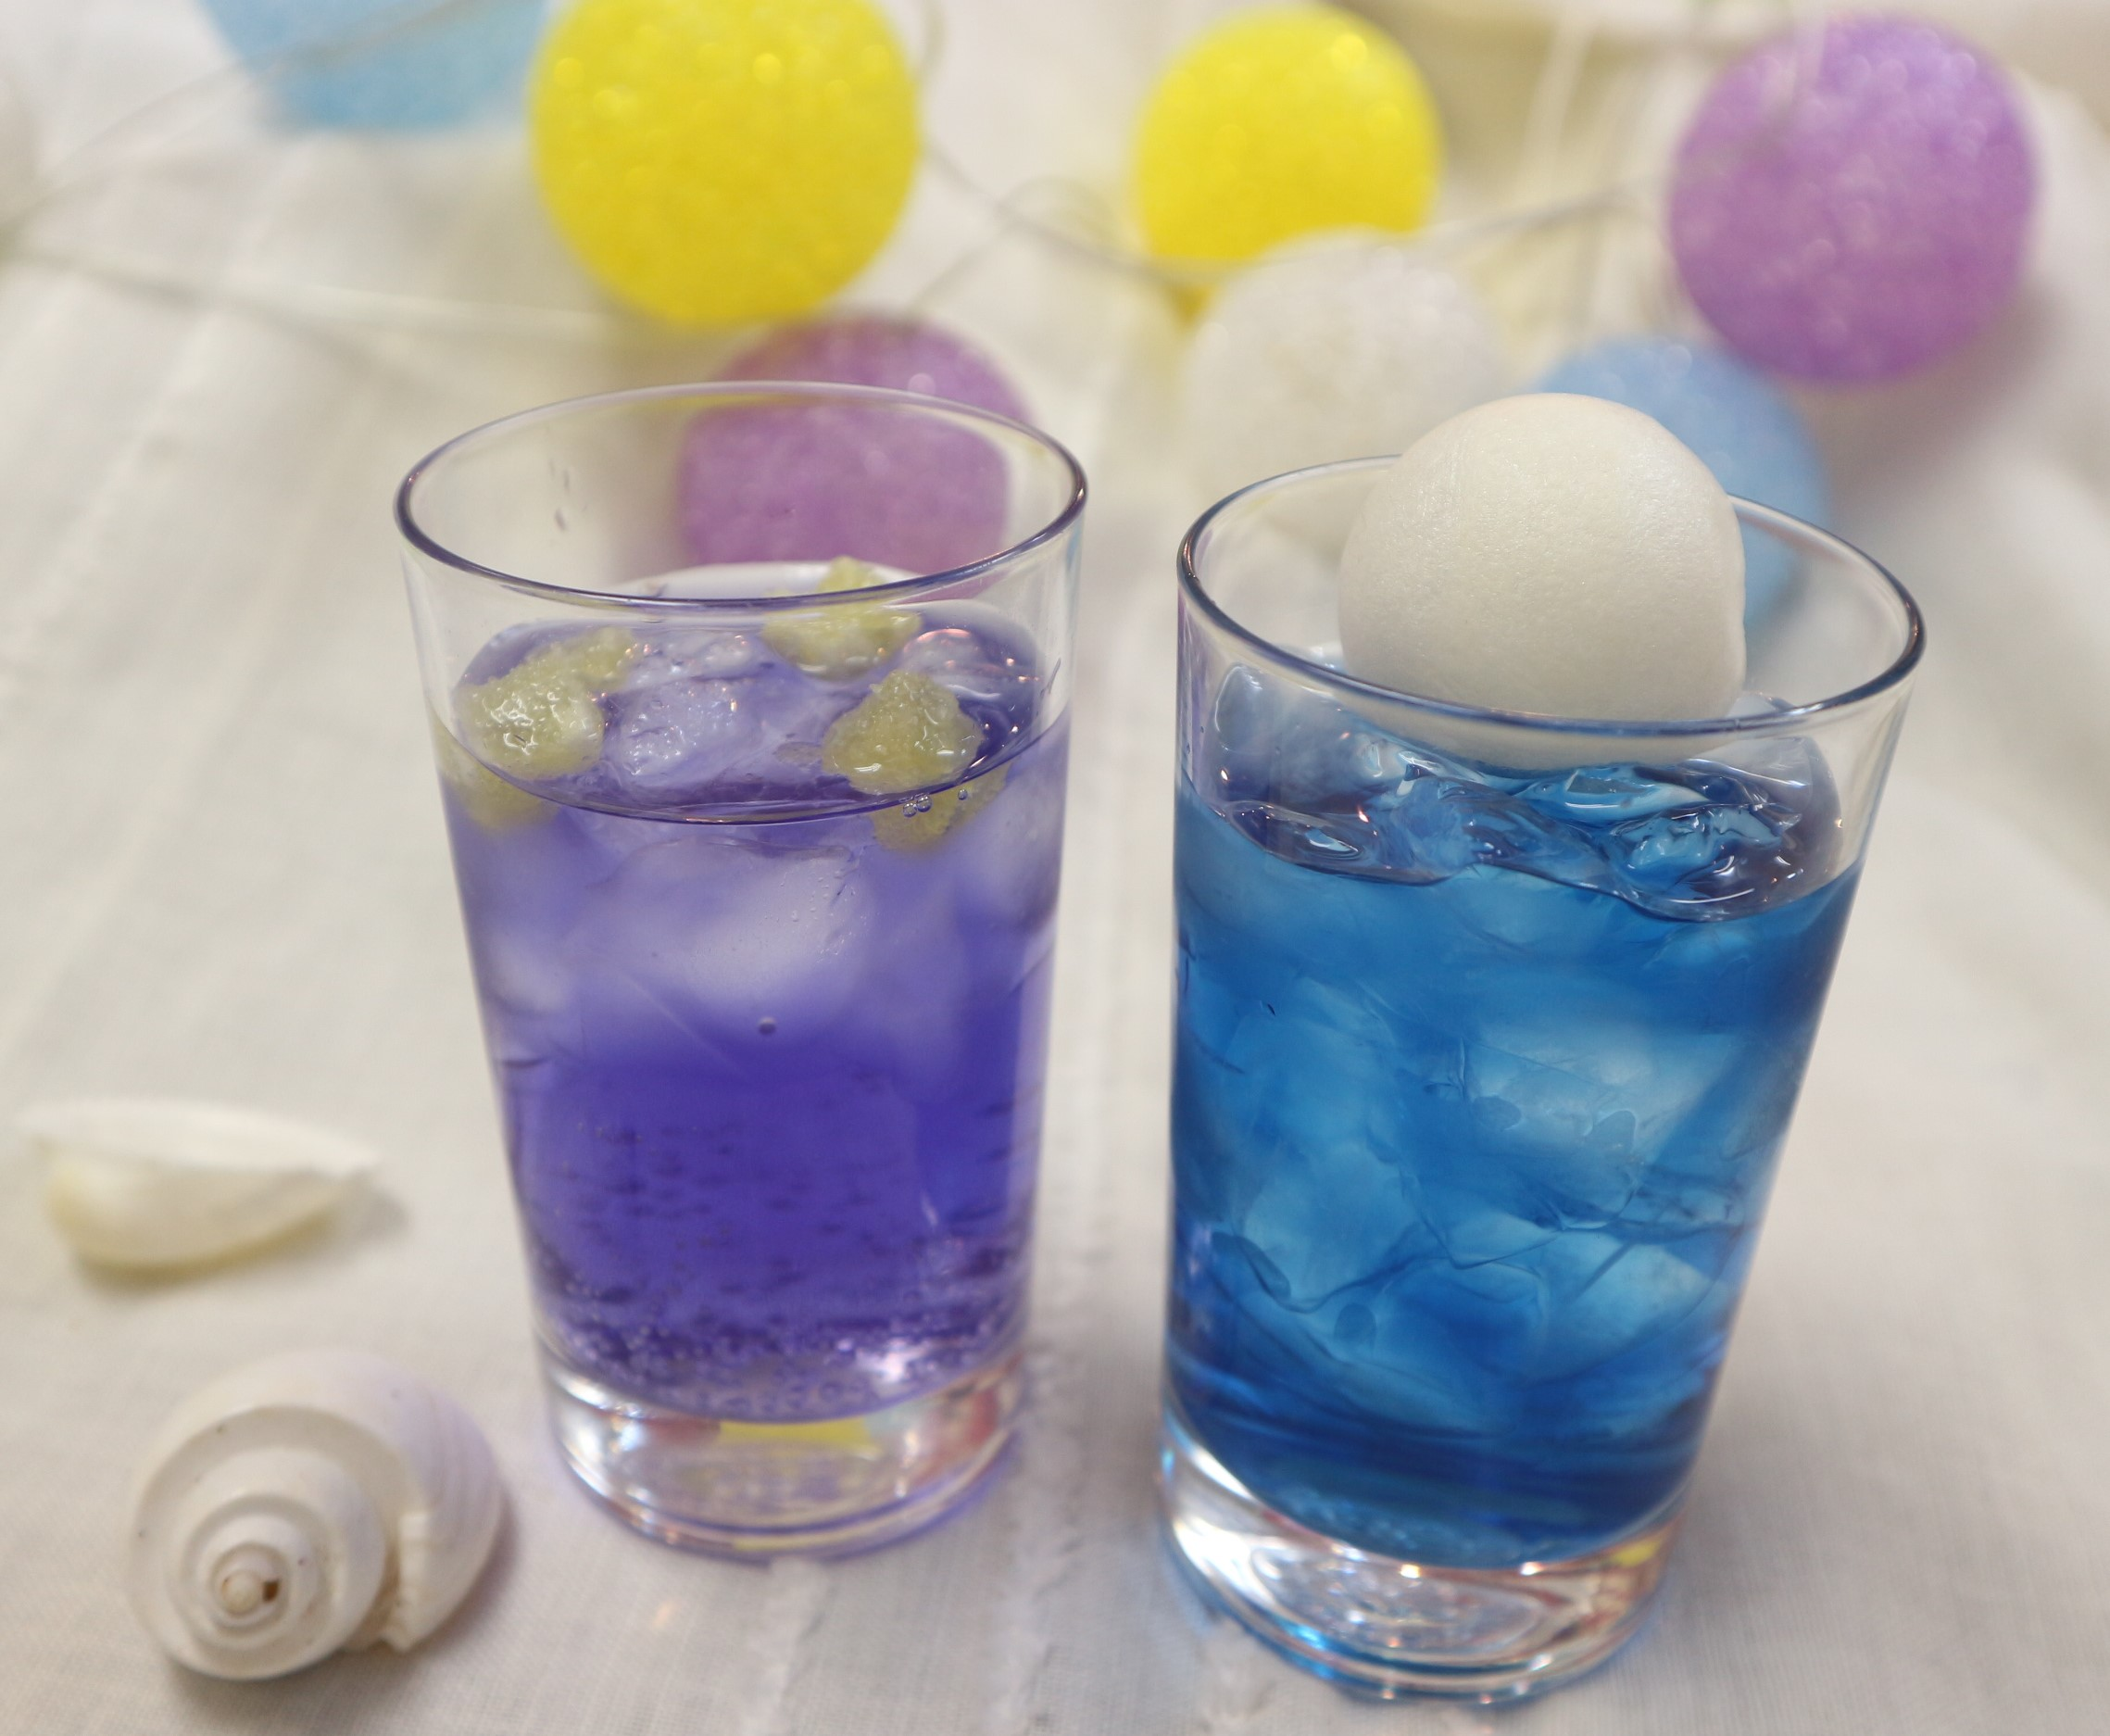 【リーフタイプ】話題のハーブティー・鮮やかな青!バタフライピーの美味しいブレンドハーブティー